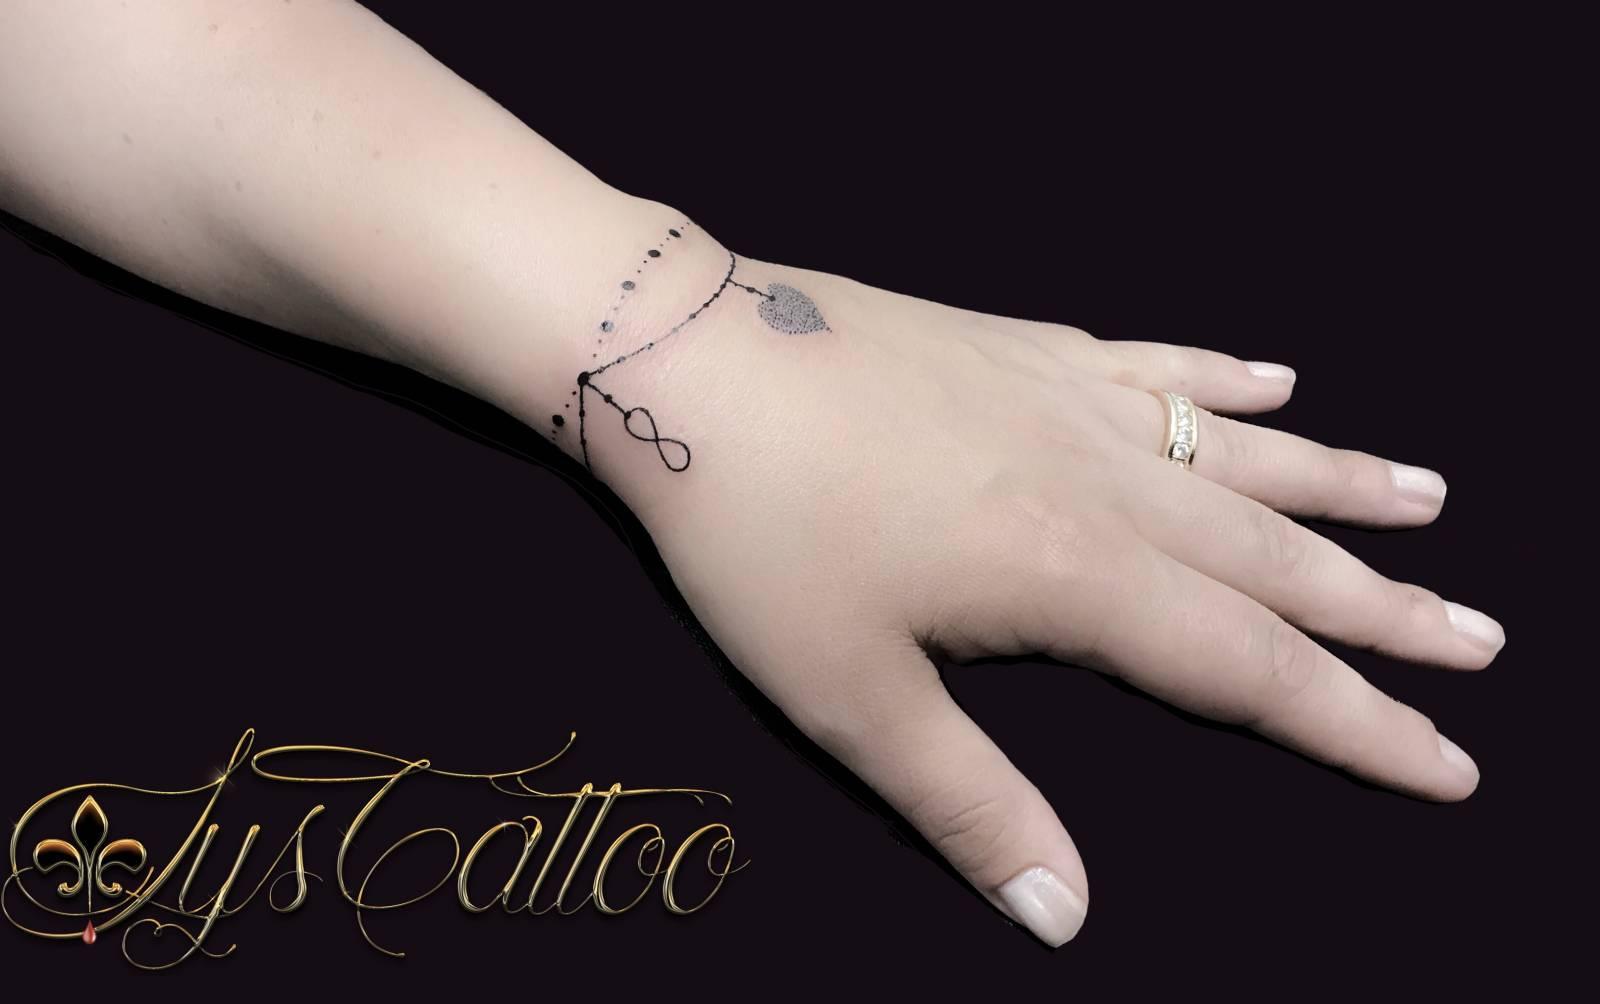 Decouvrez Votre Salon De Tatouage Specialise Dans Les Tatouages Bracelets Bijoux Chaines De Cheville A Gradignan Proche De Bordeaux En Gironde Tatoueur Vers Bordeaux Lys Tattoo